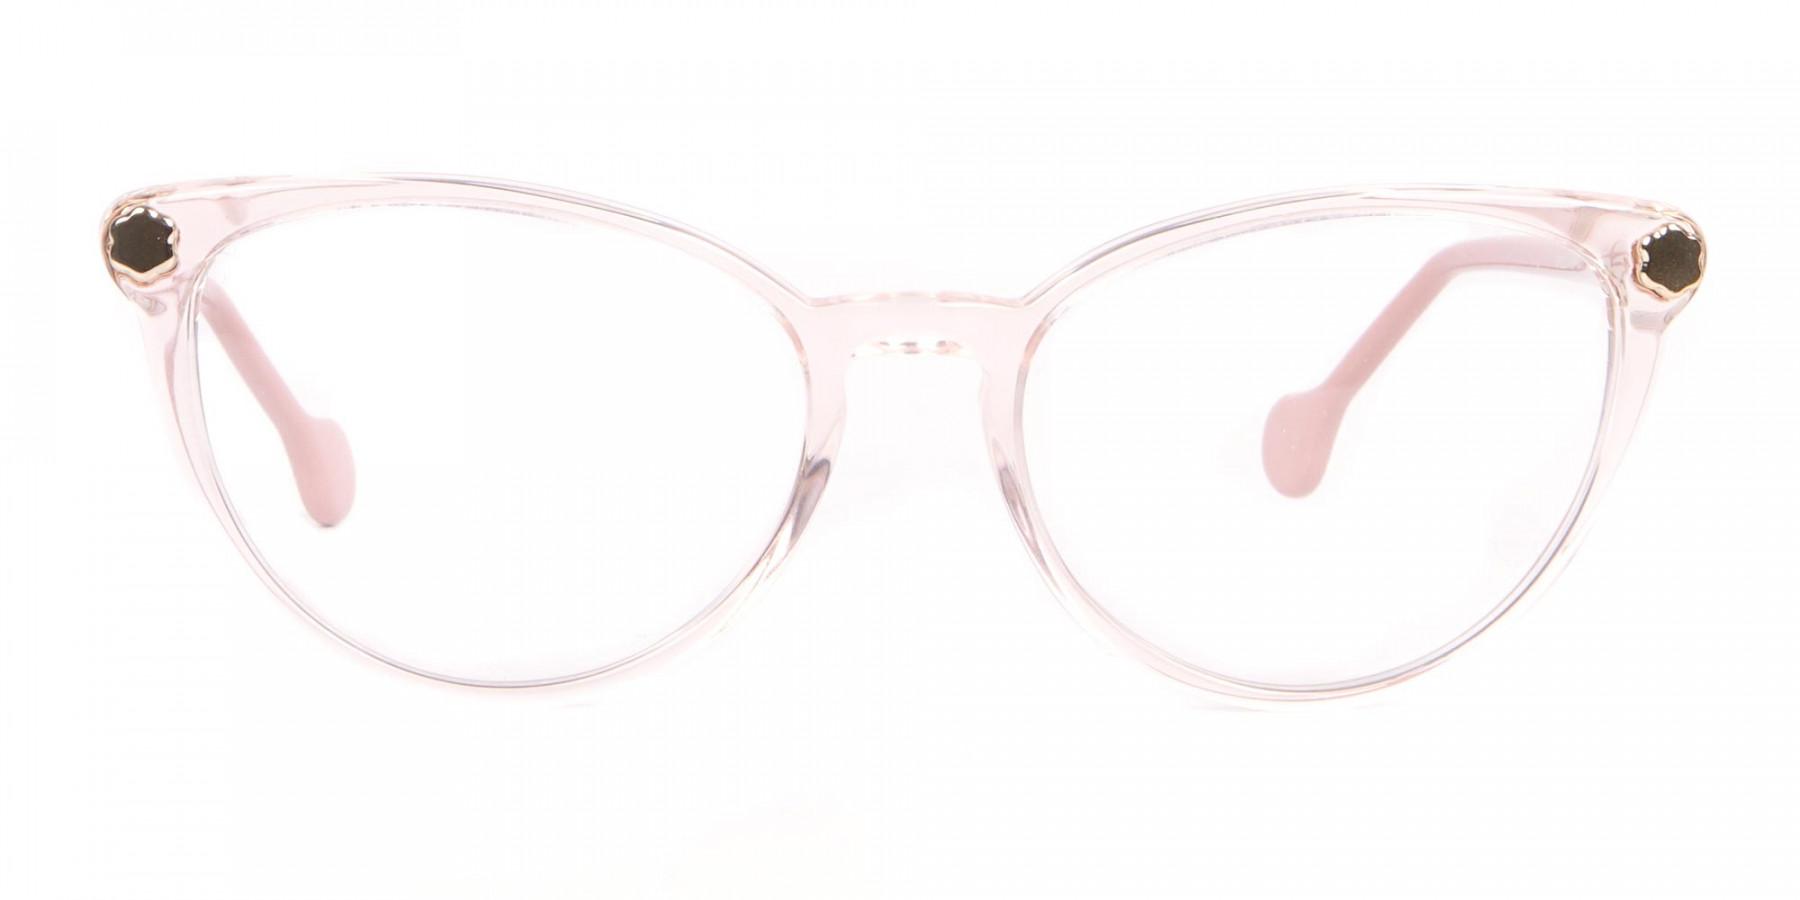 Salvatore Ferragamo SF2837 Women's Cateye Glasses Rosy Pink-1